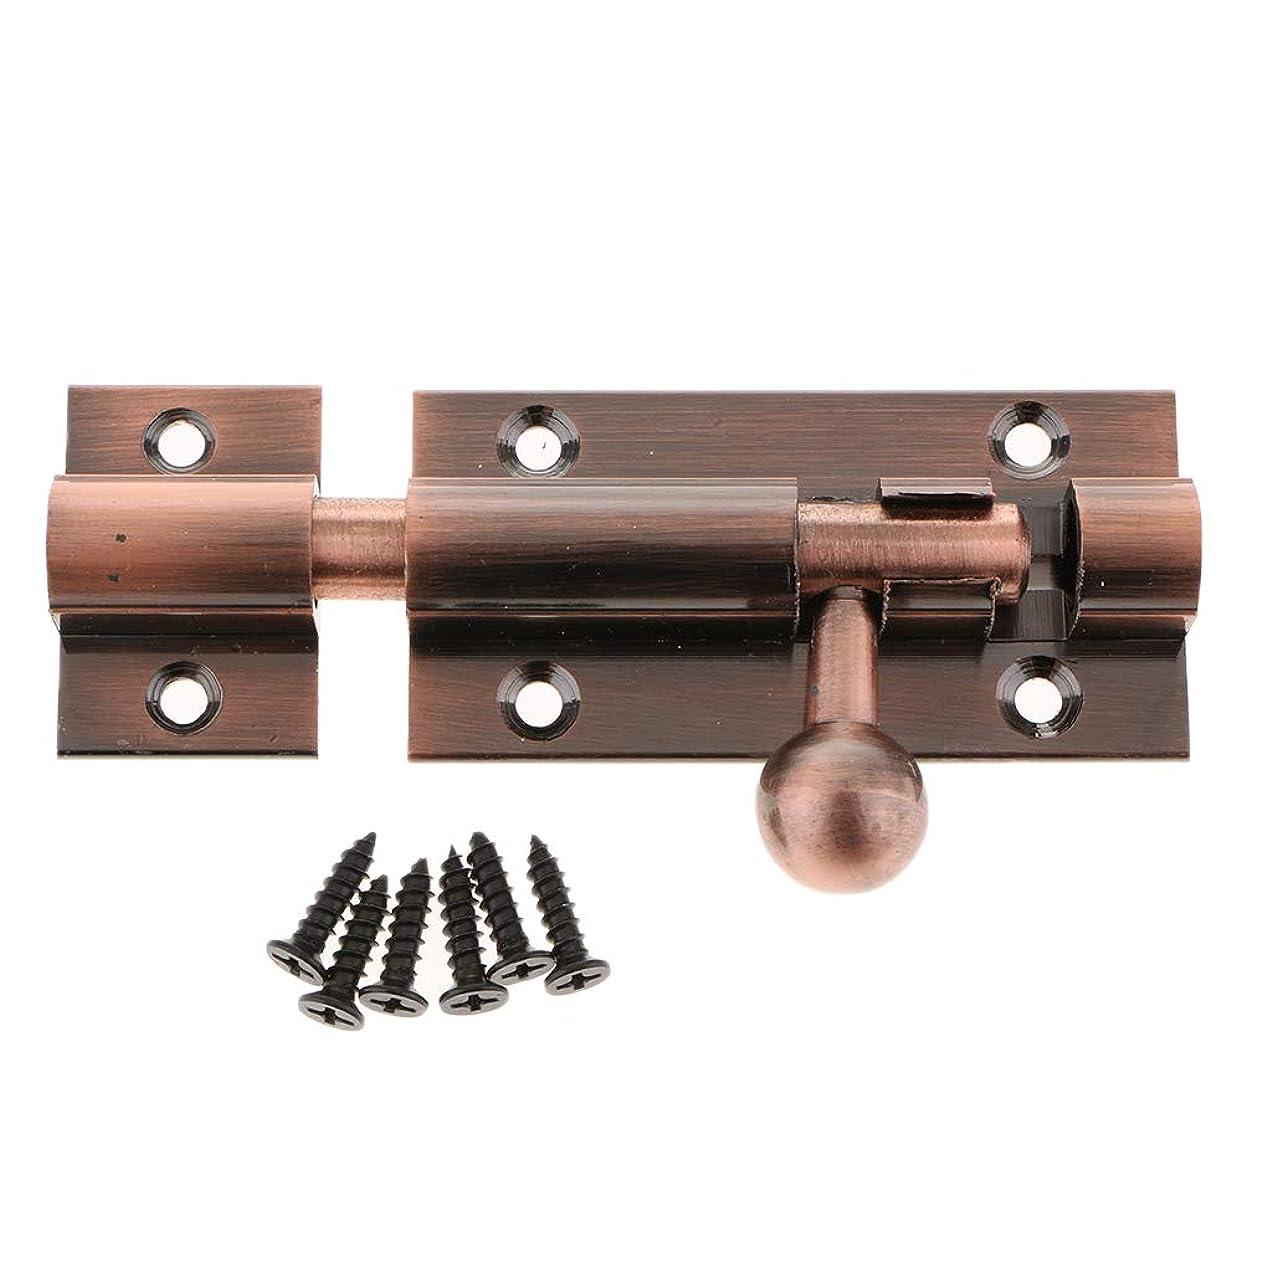 疑い者司令官導入するドアラッチ ドアスライドキャッチロック ボルトラッチバレル ホームゲートセキュリティ用 全6種 - 4インチ銅